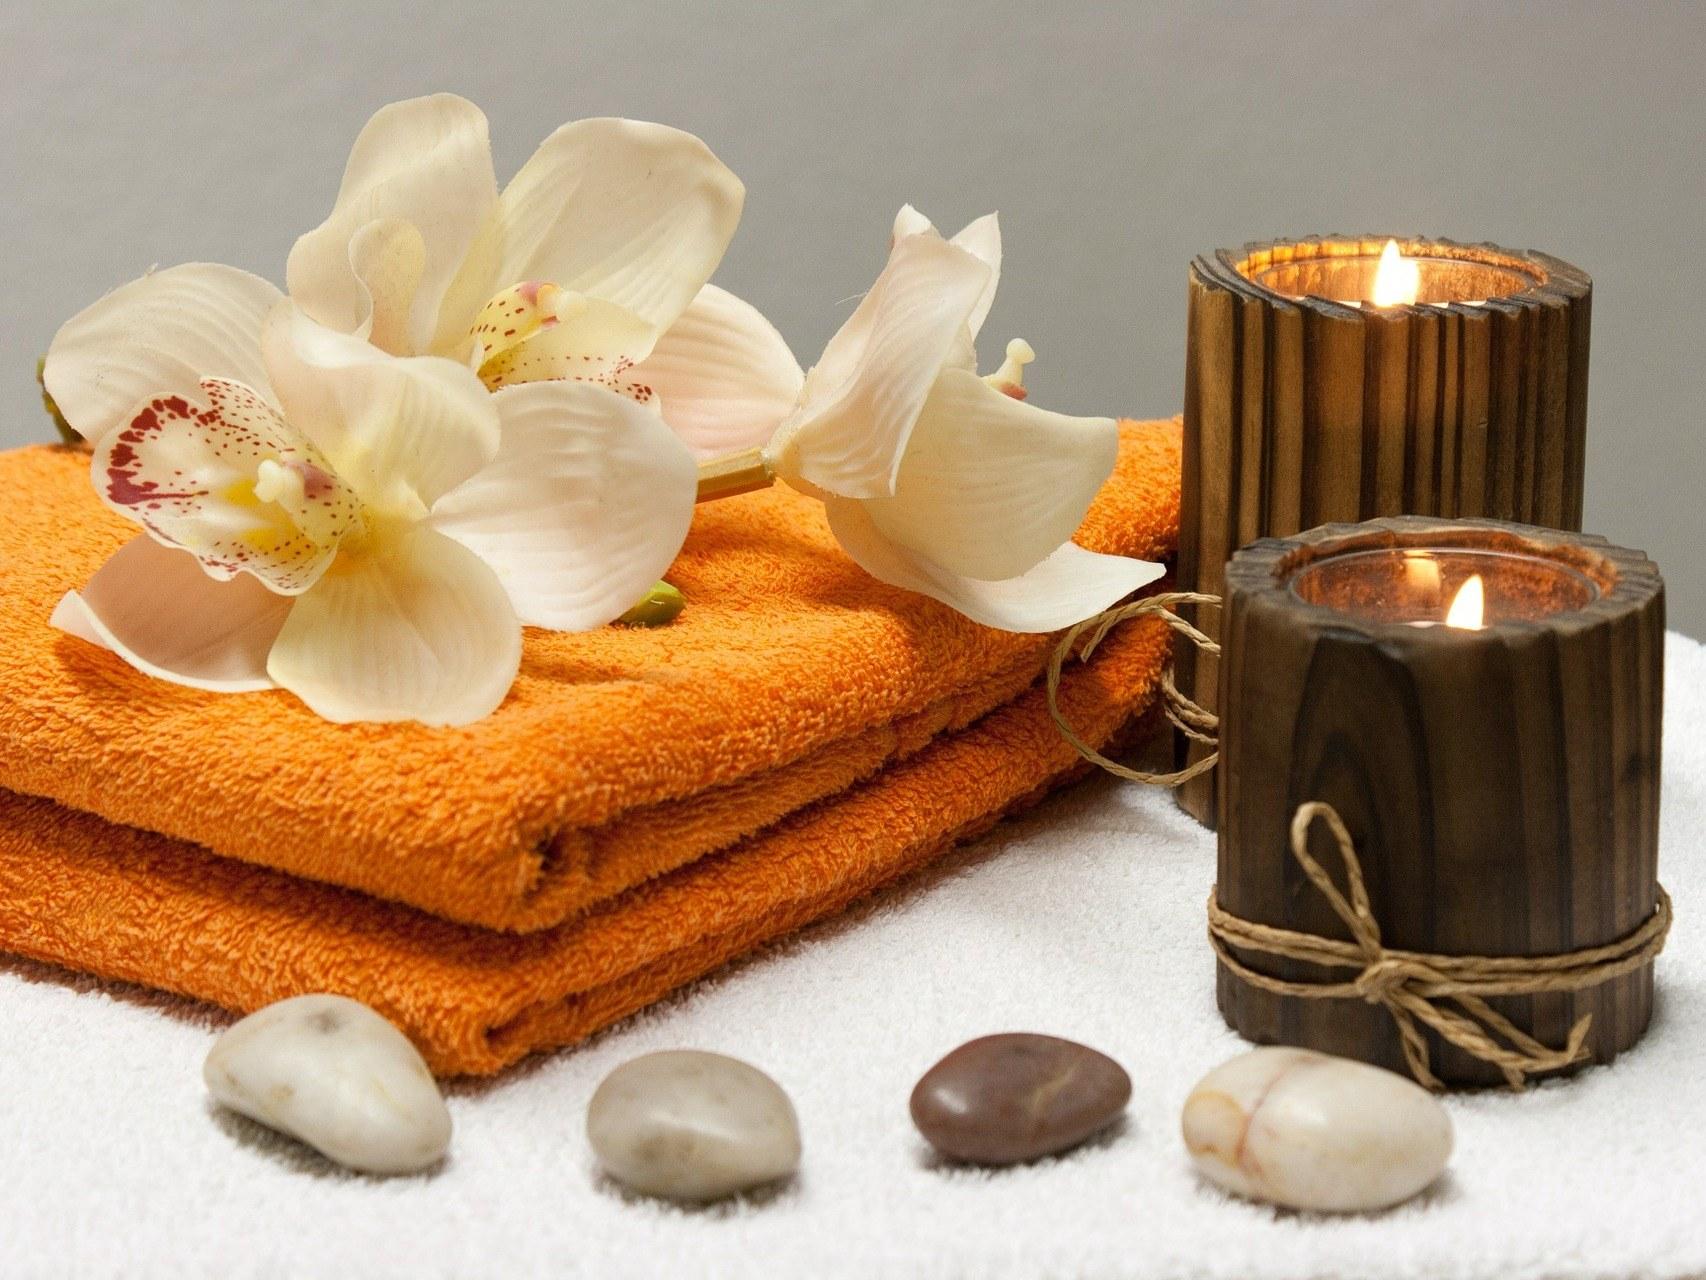 spa-beaute-bien-etre-chauvigny-zen-attitude-bougie-serviette-fleur-pierre